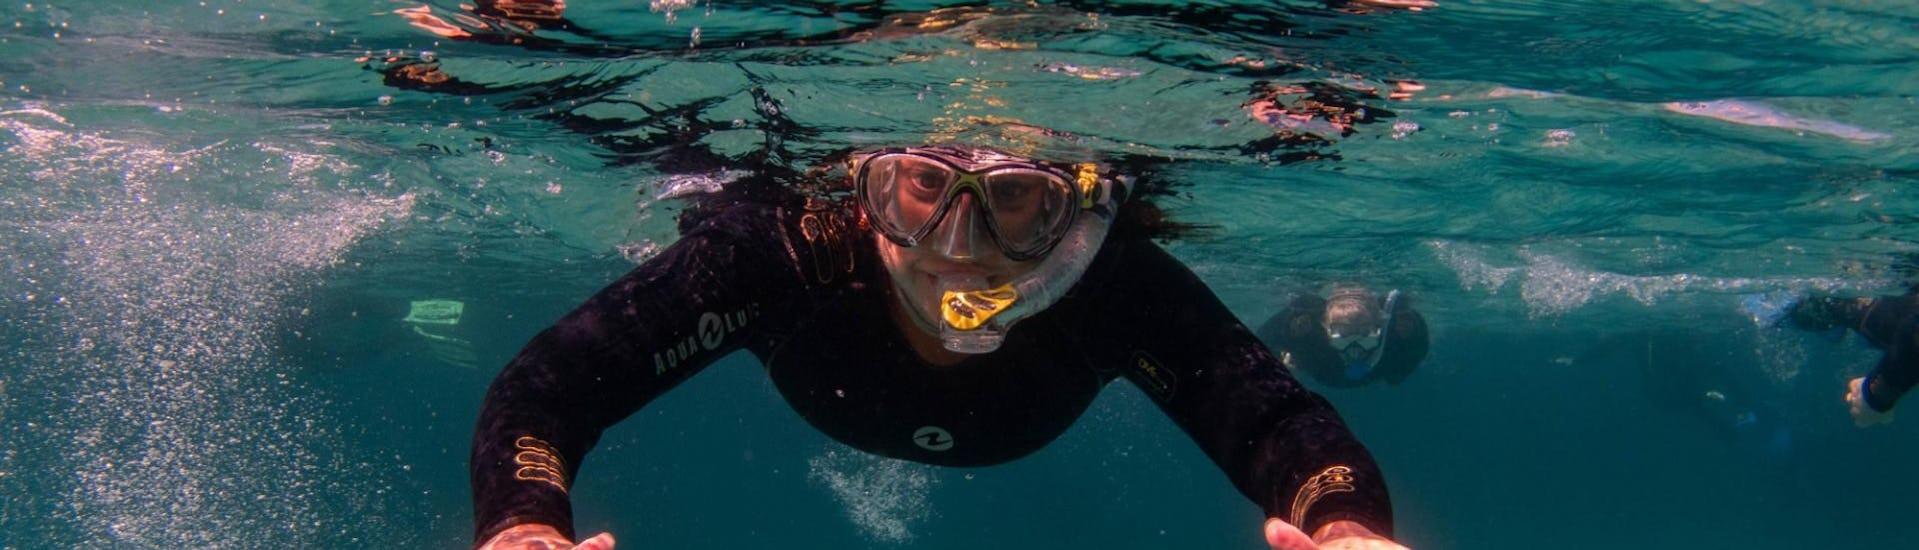 snorkelling-costa-blanca-dive-academy-santa-pola-hero